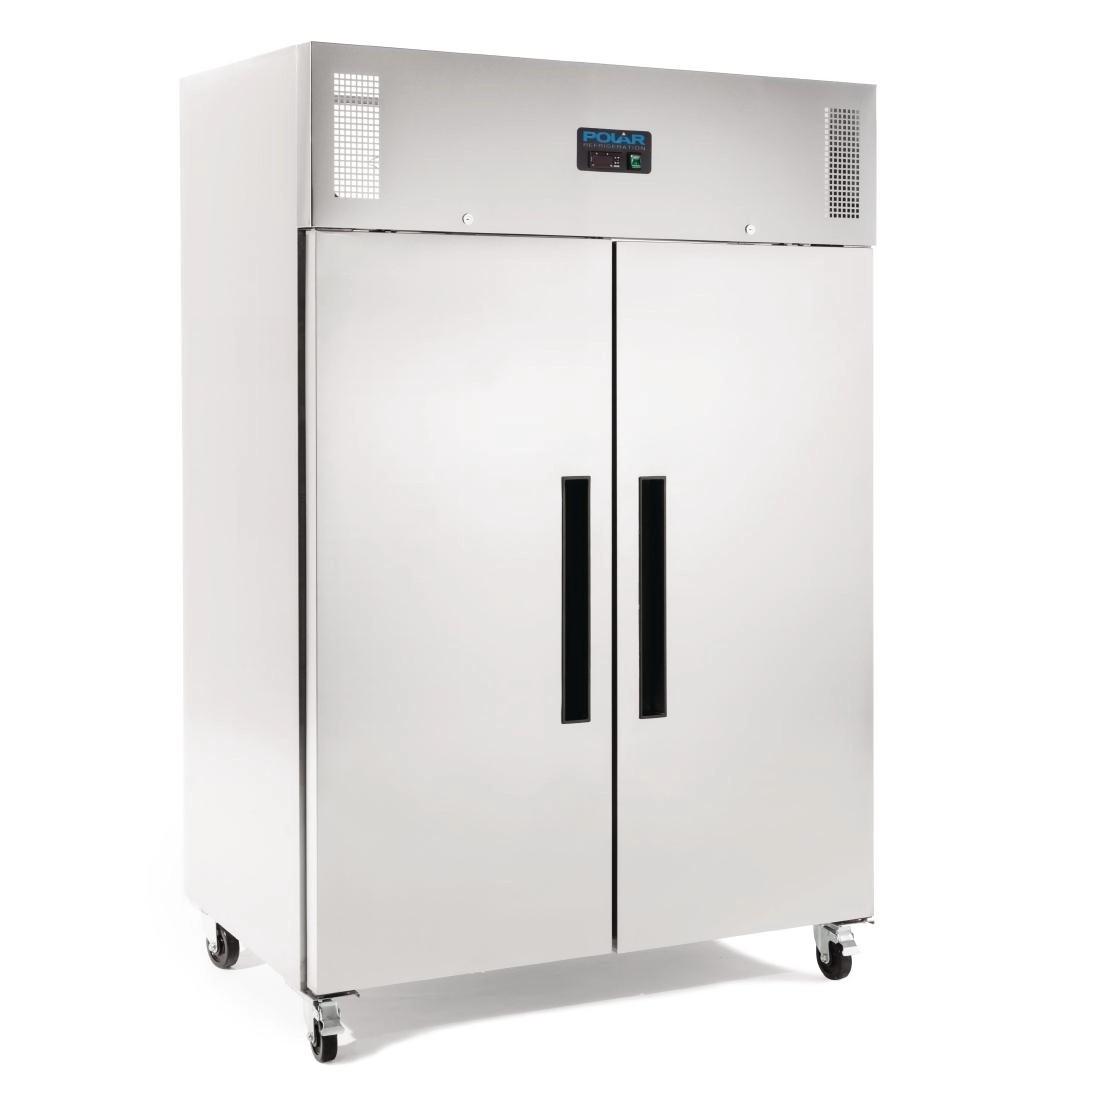 Polar Double Door Freezer Stainless Steel 1200Ltr